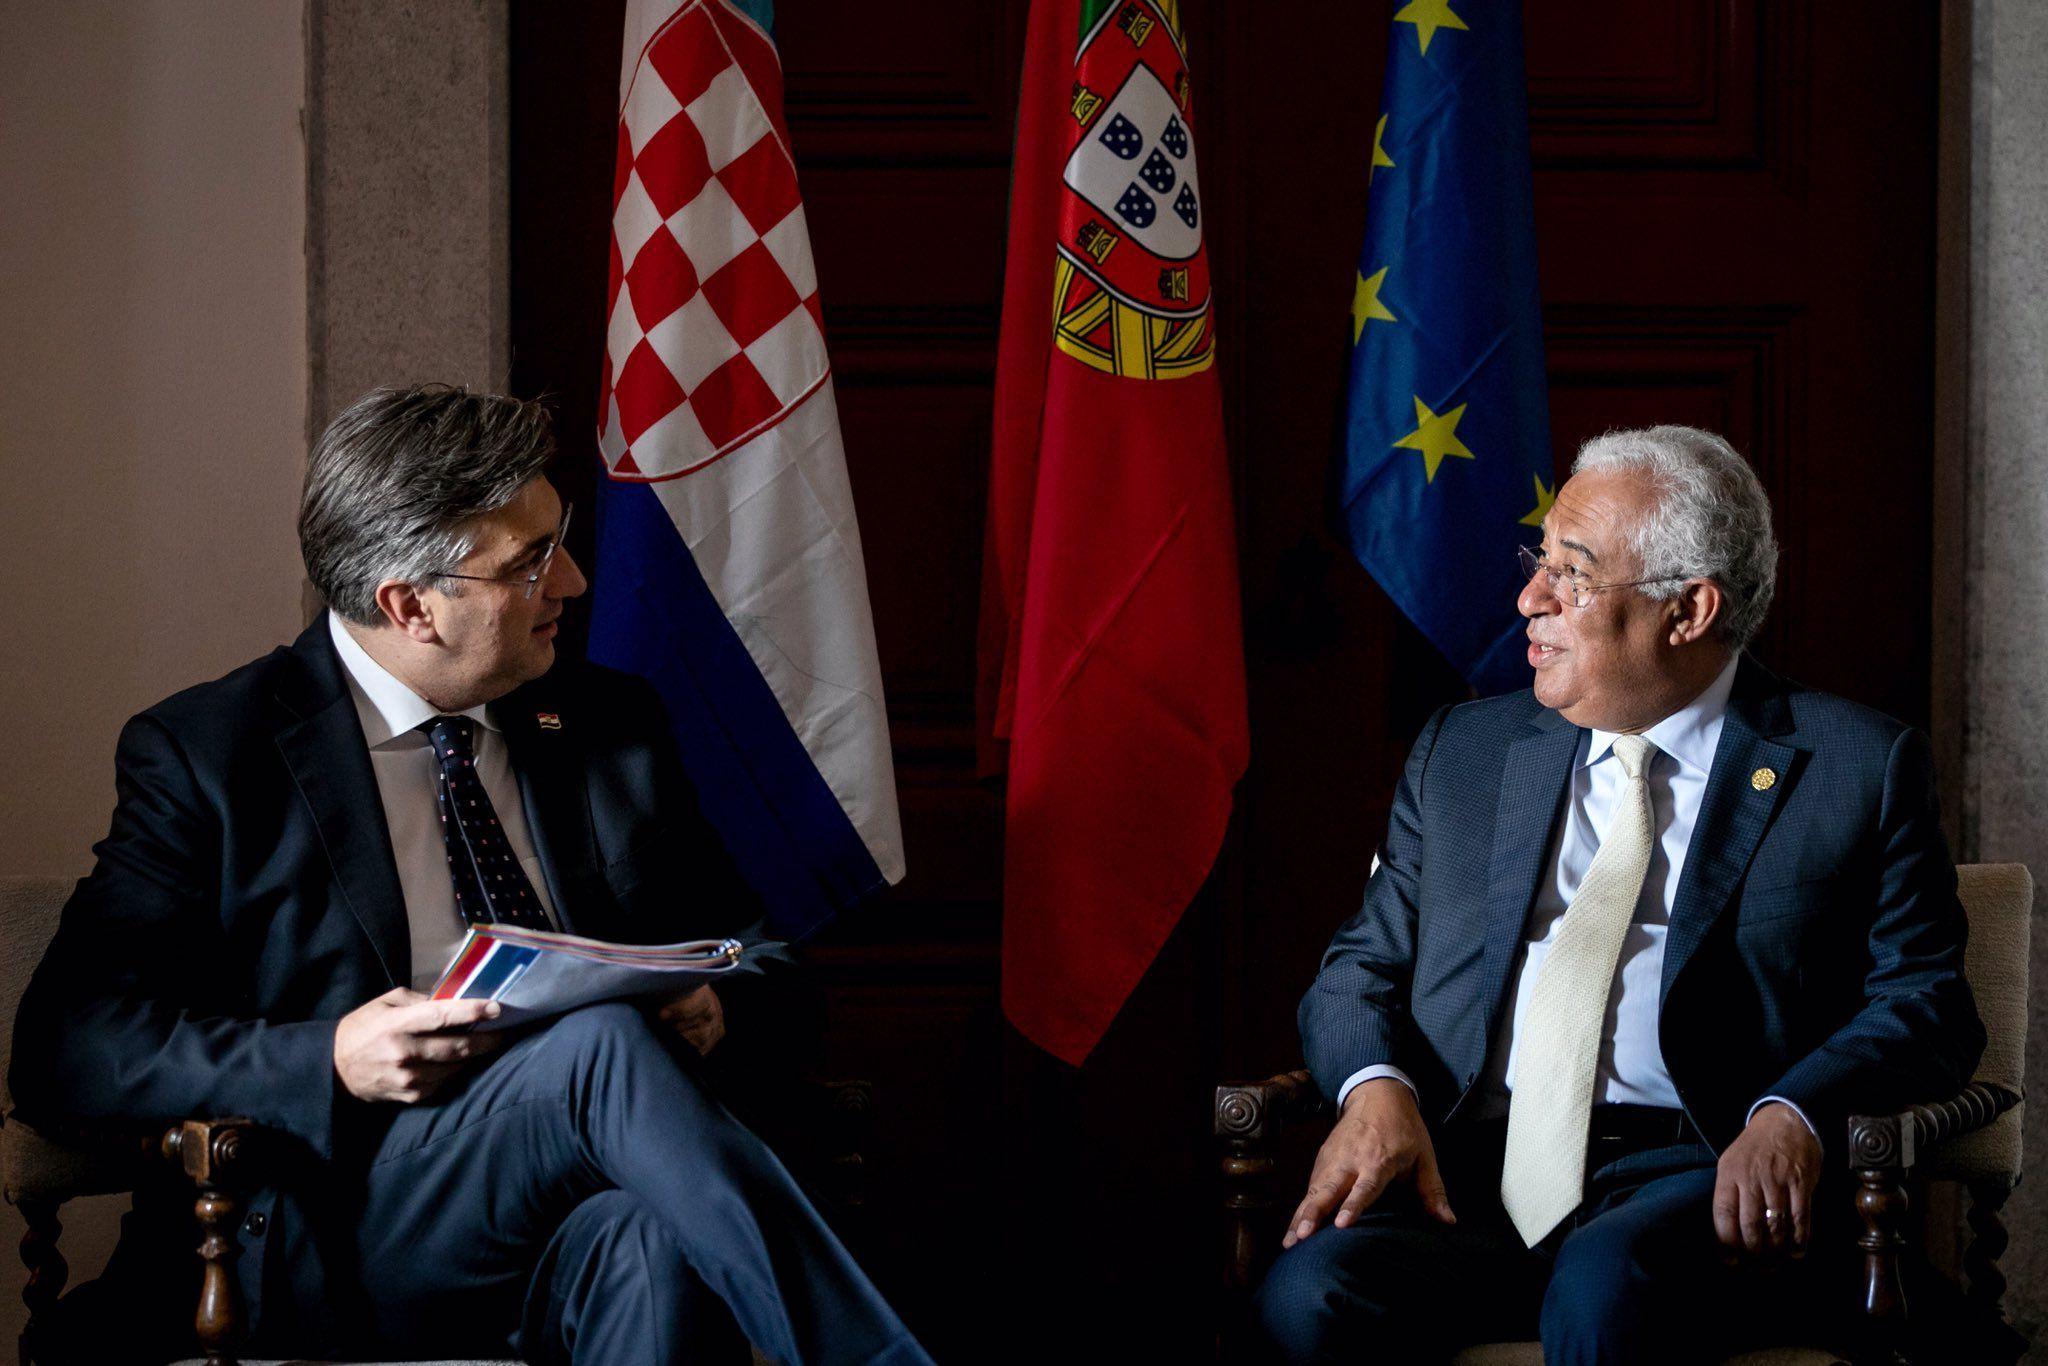 Hrvatski premijer Andrej Plenković u radnom posjetu Portugalu, na samitu Prijatelja kohezije